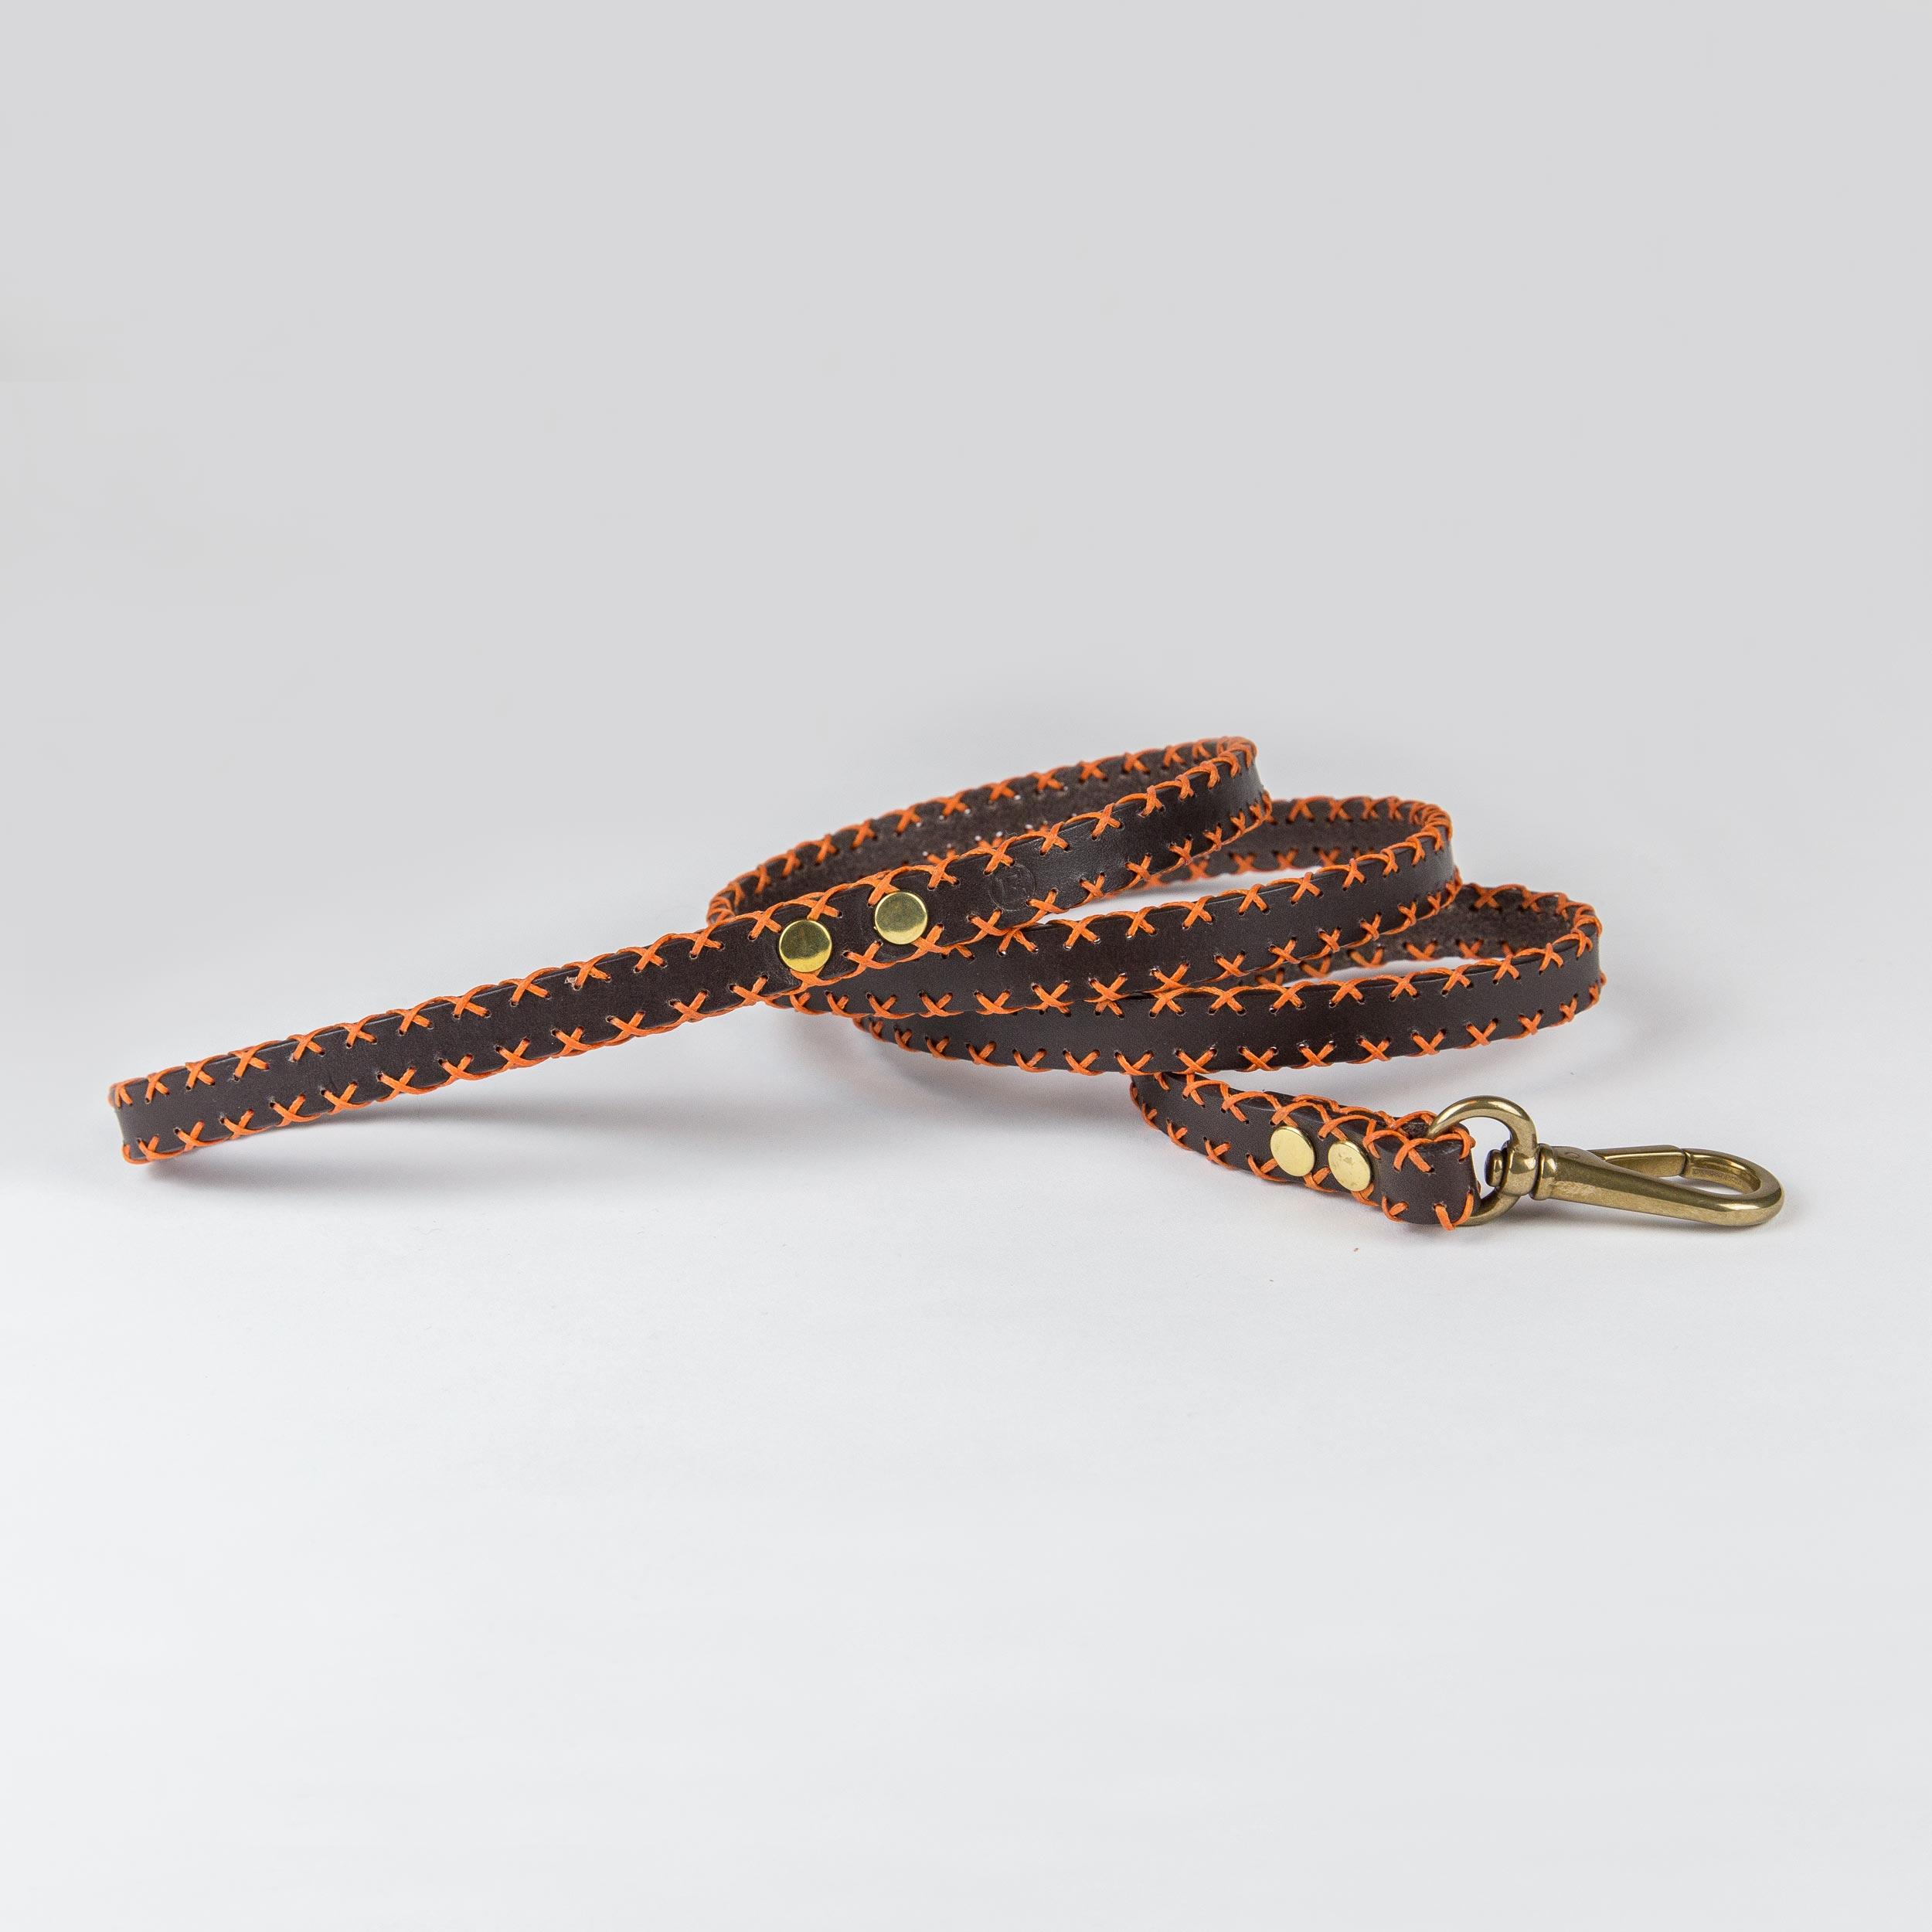 dark brown cowhide leather leash with orange weaves